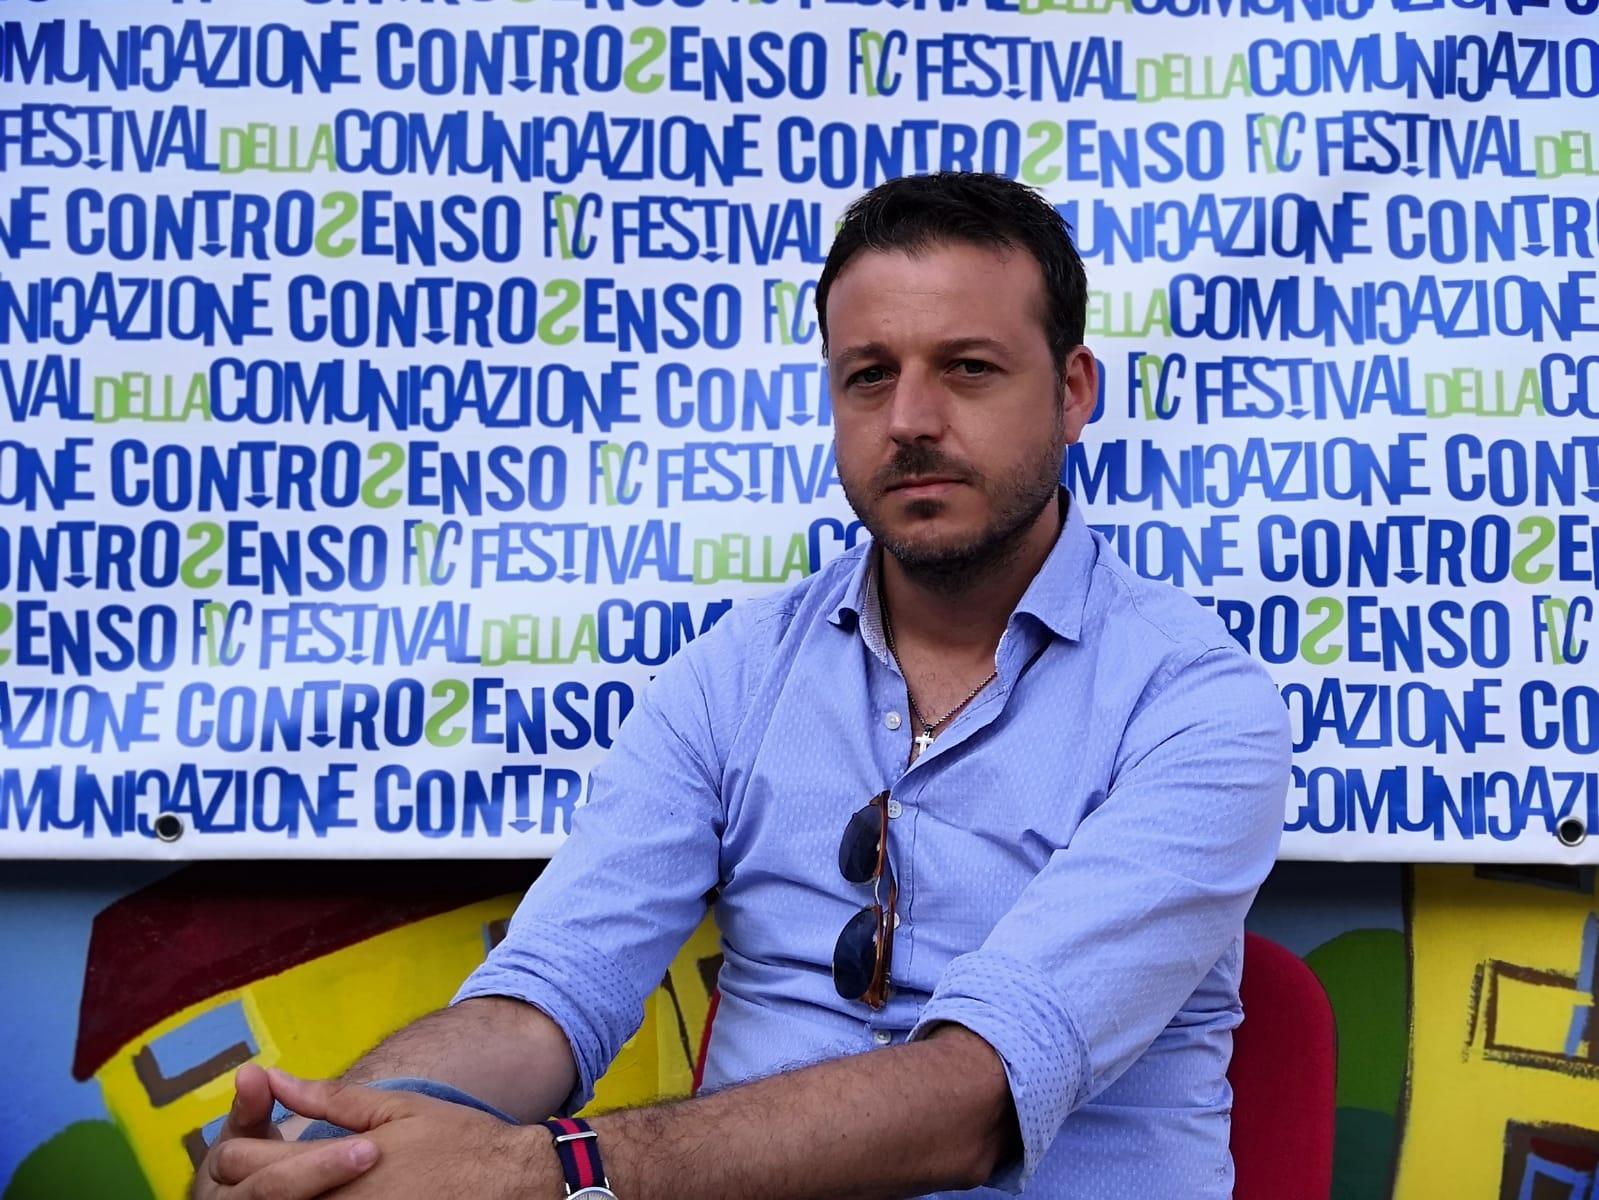 Premio Letteriario Festival della Comunicazione Controsenso (12)